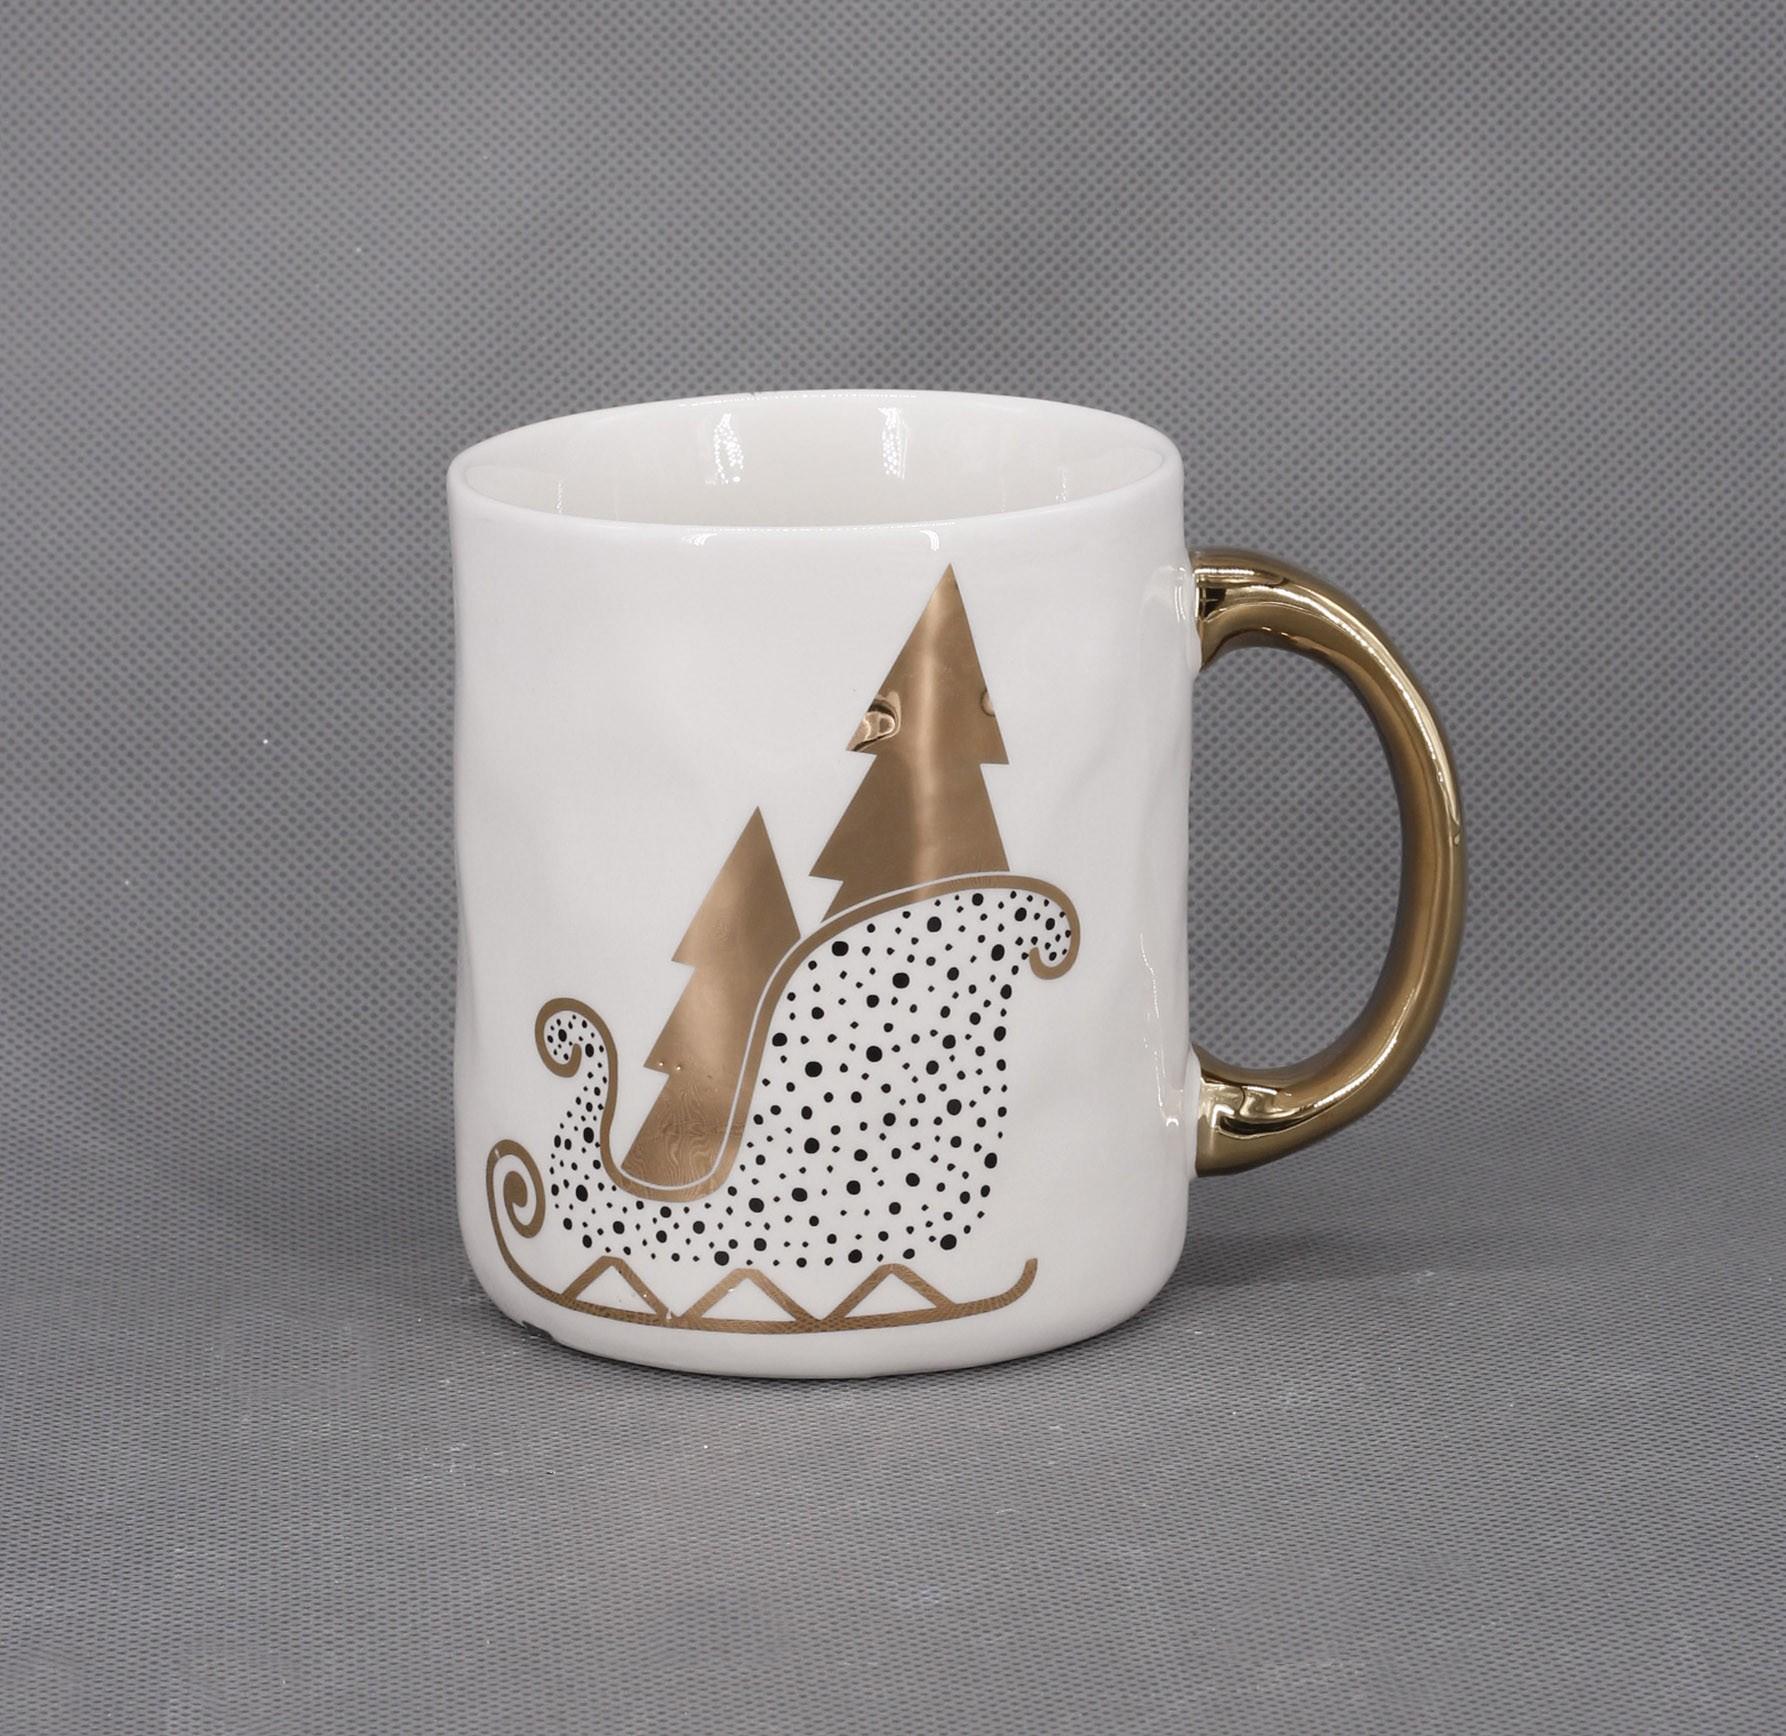 Κούπα Xmas Gold Έλκηθρο 600ml home   ειδη cafe τσαϊ   κούπες   φλυτζάνια